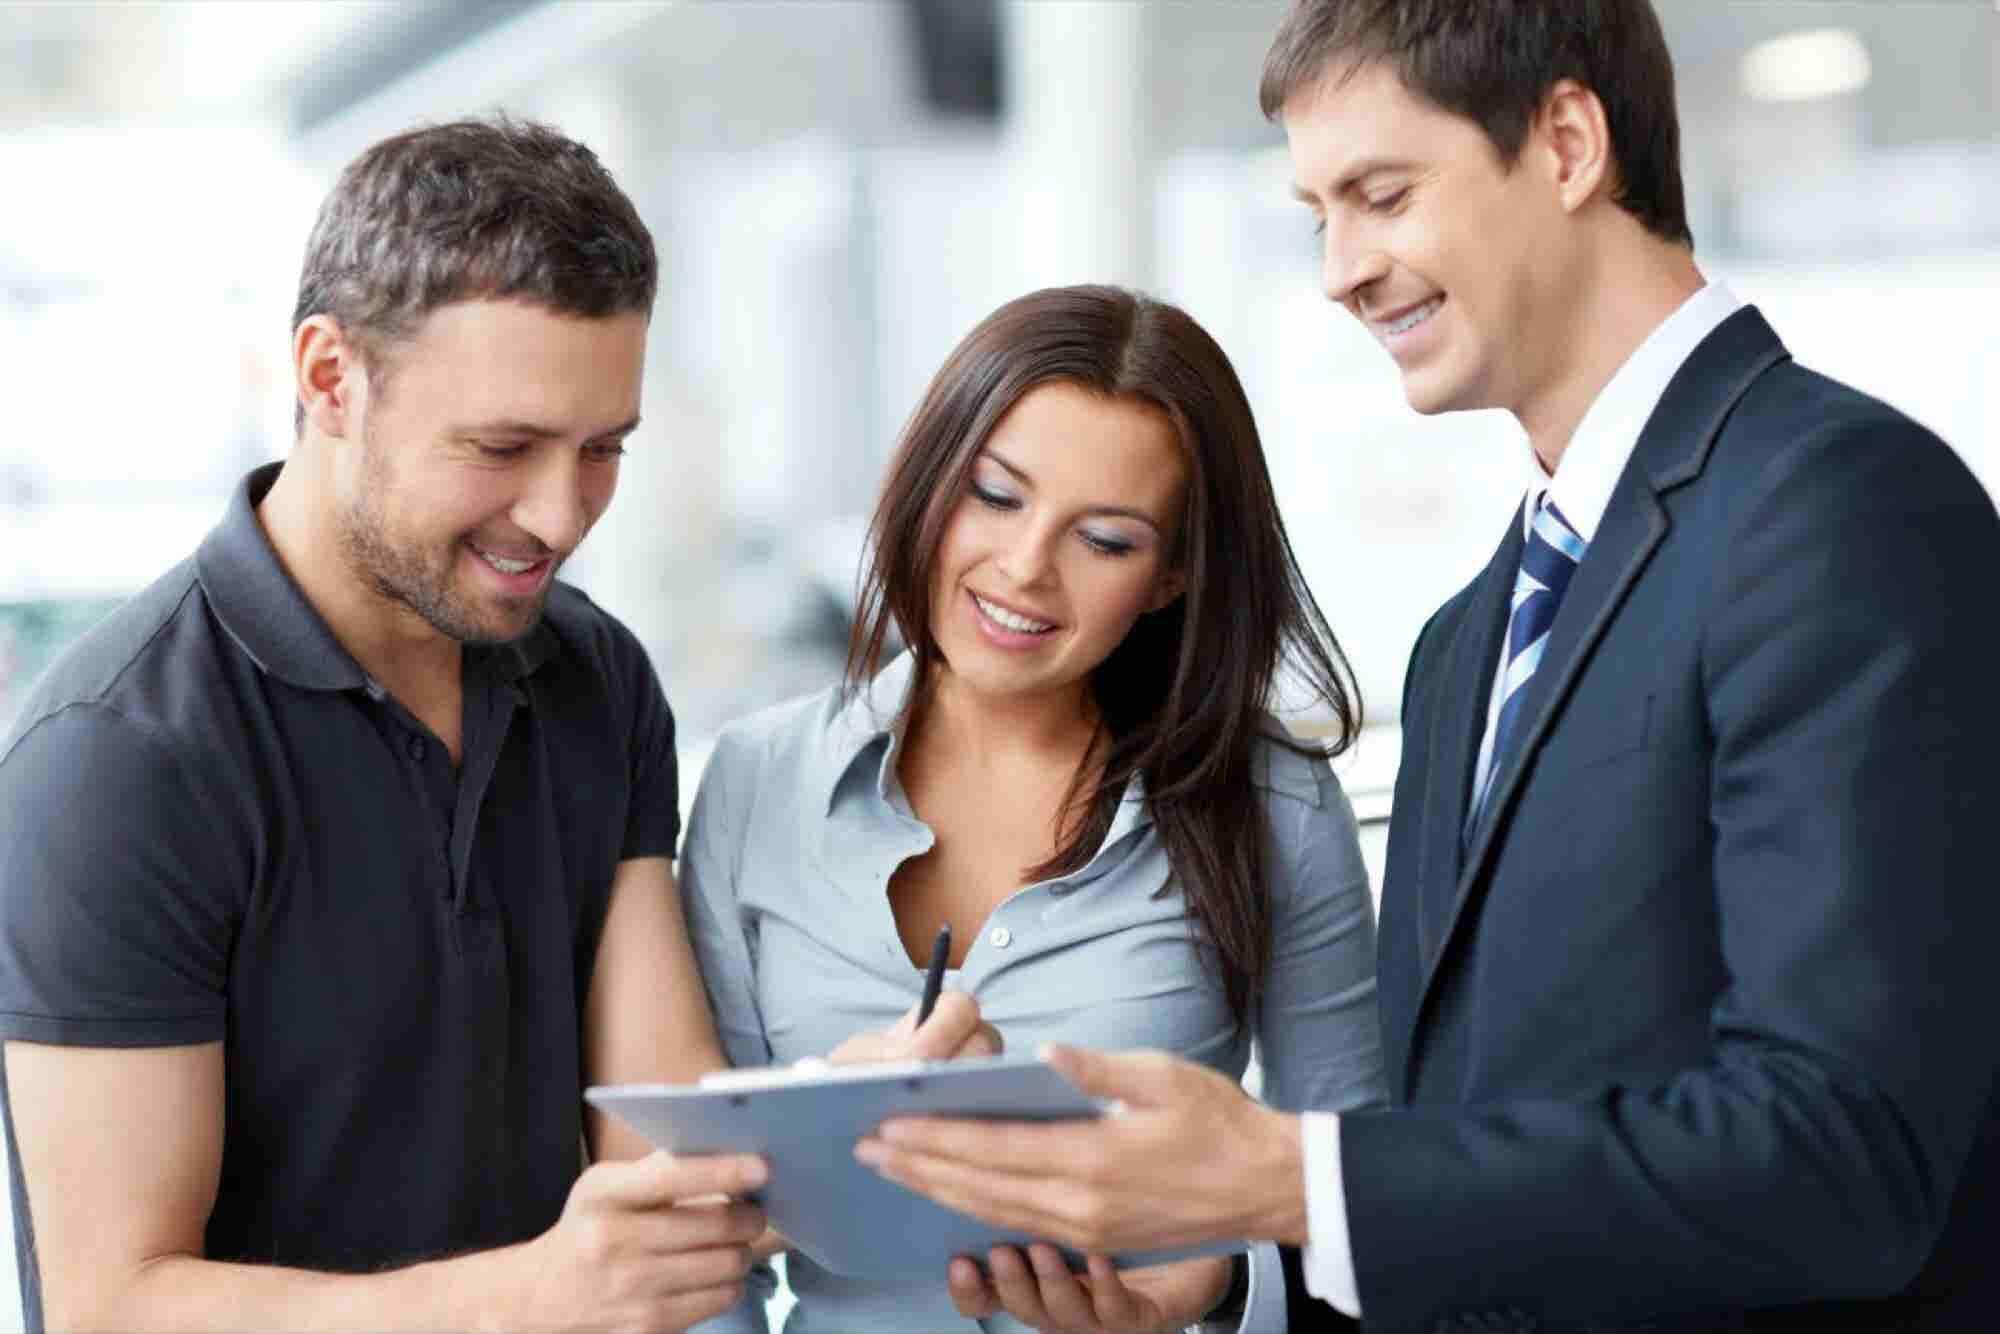 Las 4 señales de quién es un buen vendedor (y quién no)